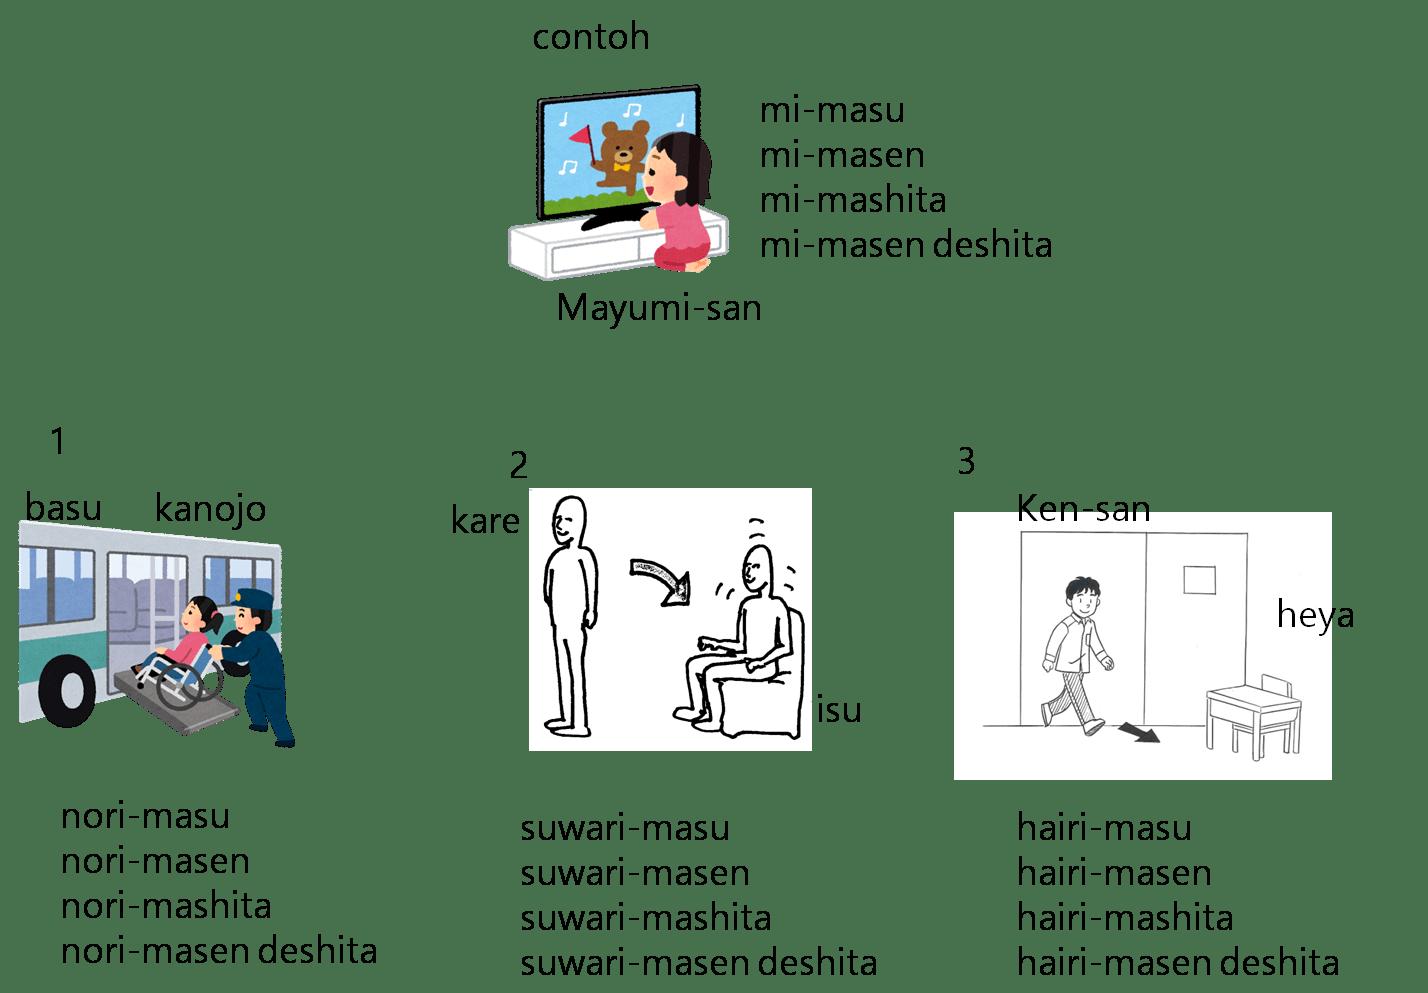 lat-019-13